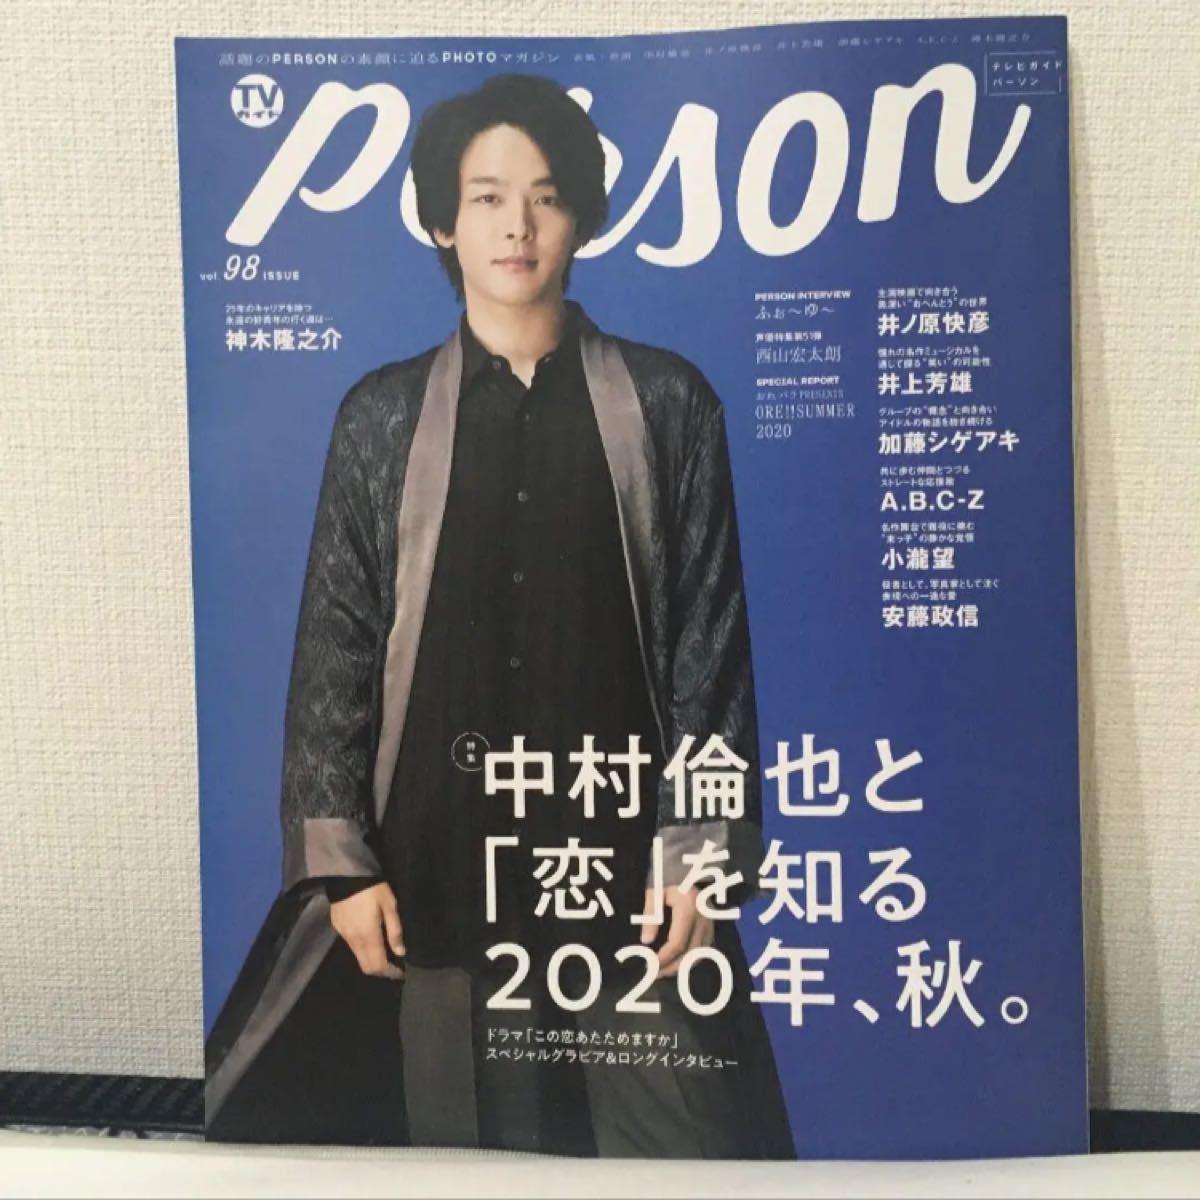 TVガイドperson no.98 中村倫也と恋を知る2020年、秋